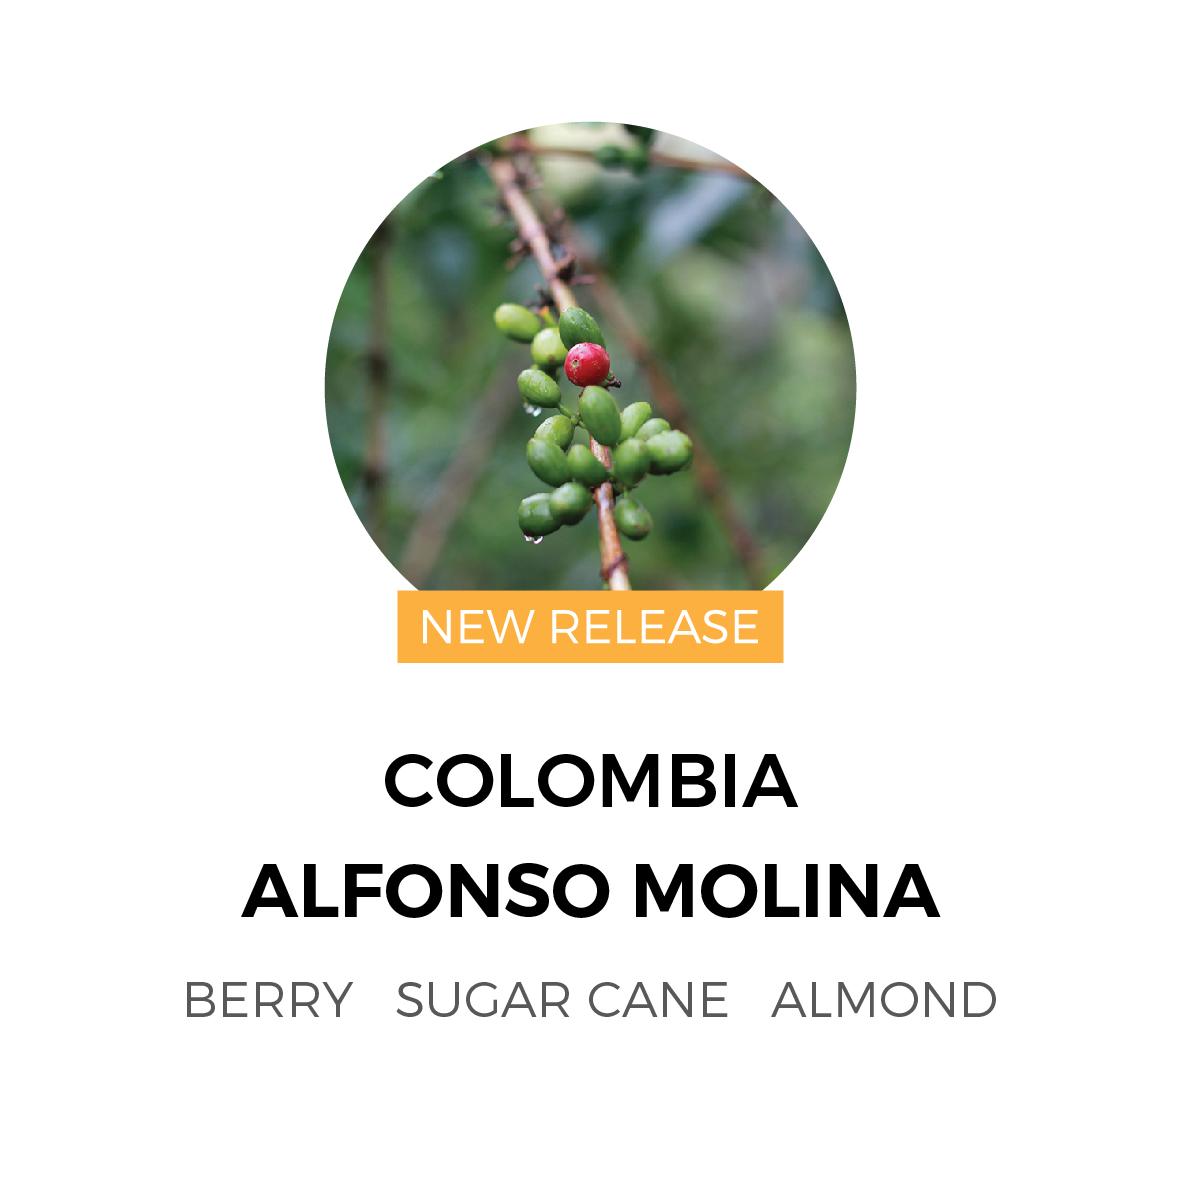 ColombiaAlfonsoMolina-01.jpg